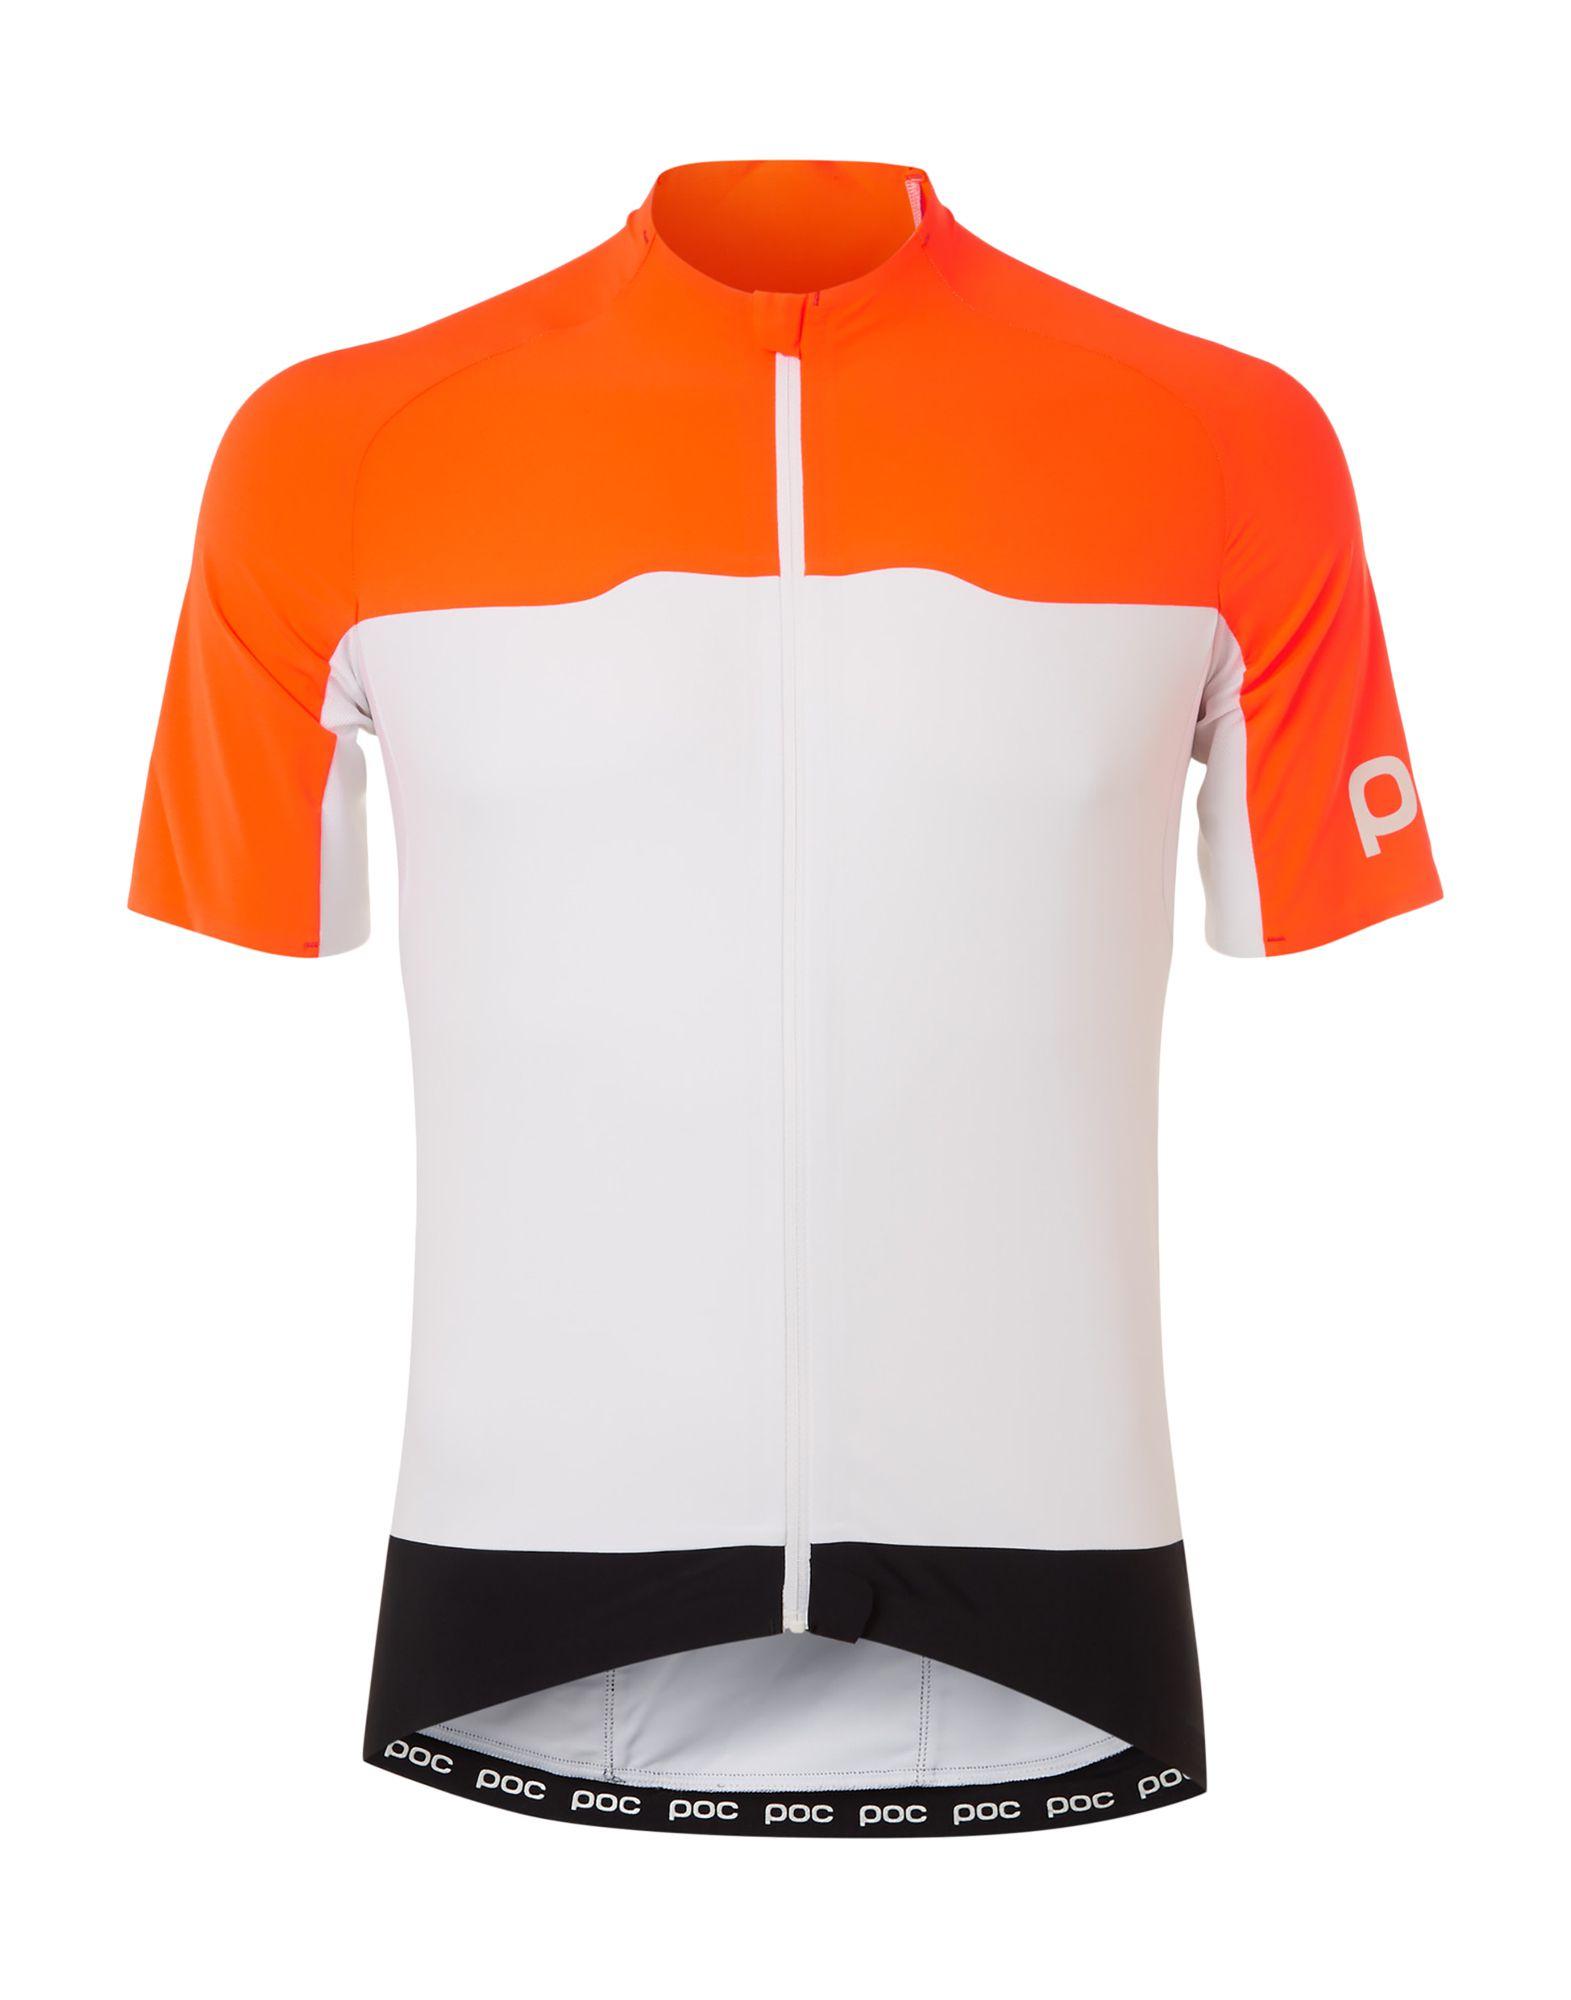 《送料無料》POC メンズ T シャツ オレンジ M ポリエステル 78% / ポリウレタン 22%